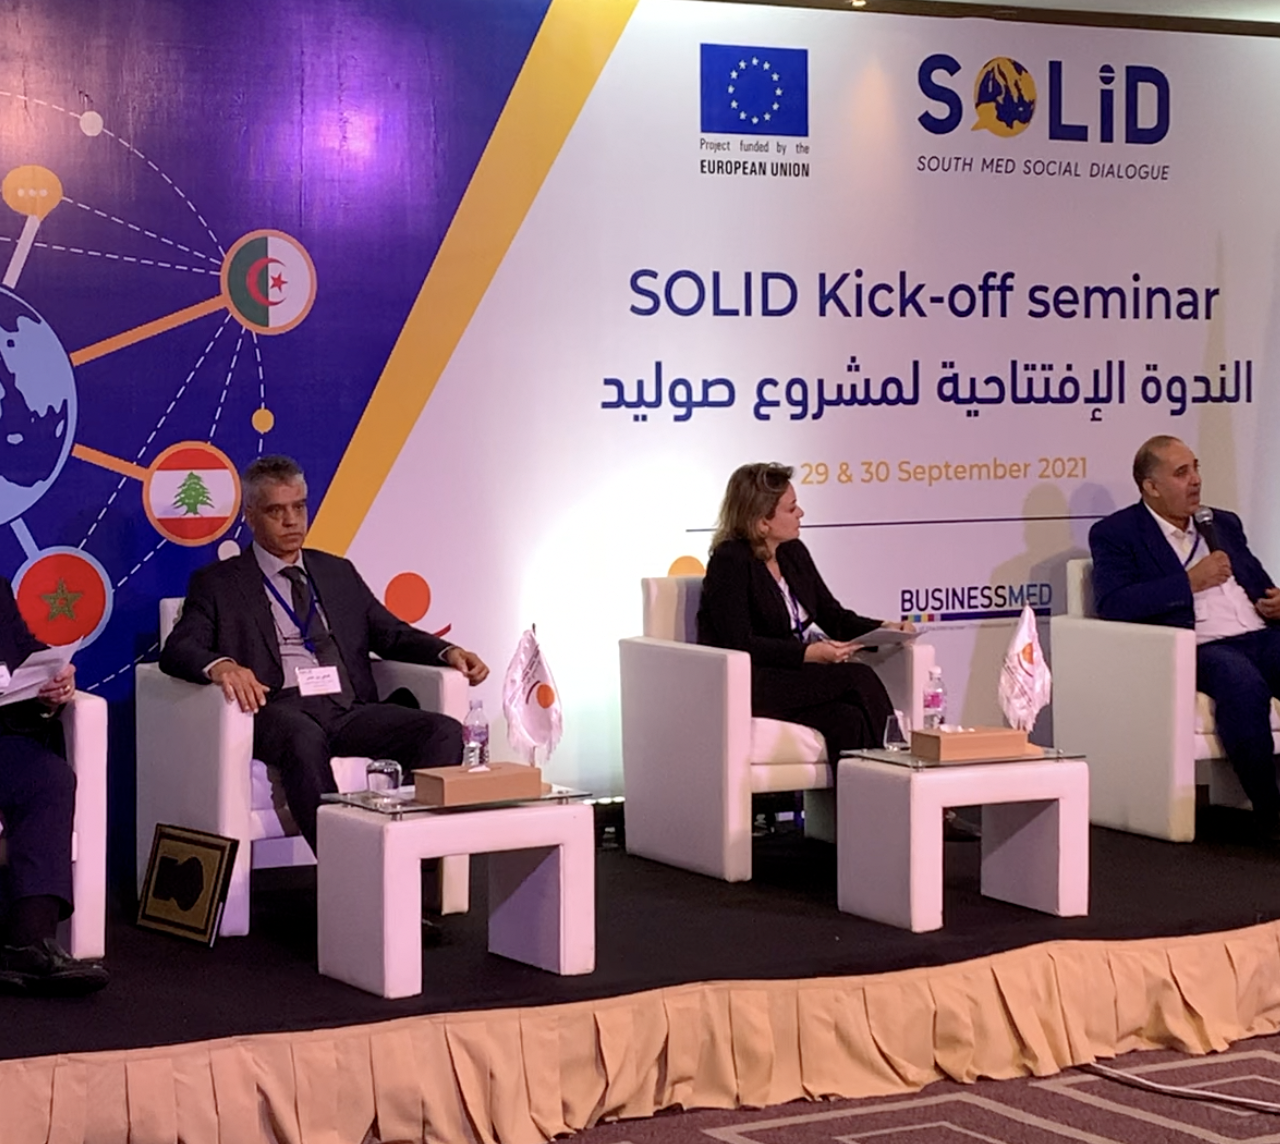 Méditerranée : Lancement de la phase II du projet SOLID pour la promotion du dialogue social